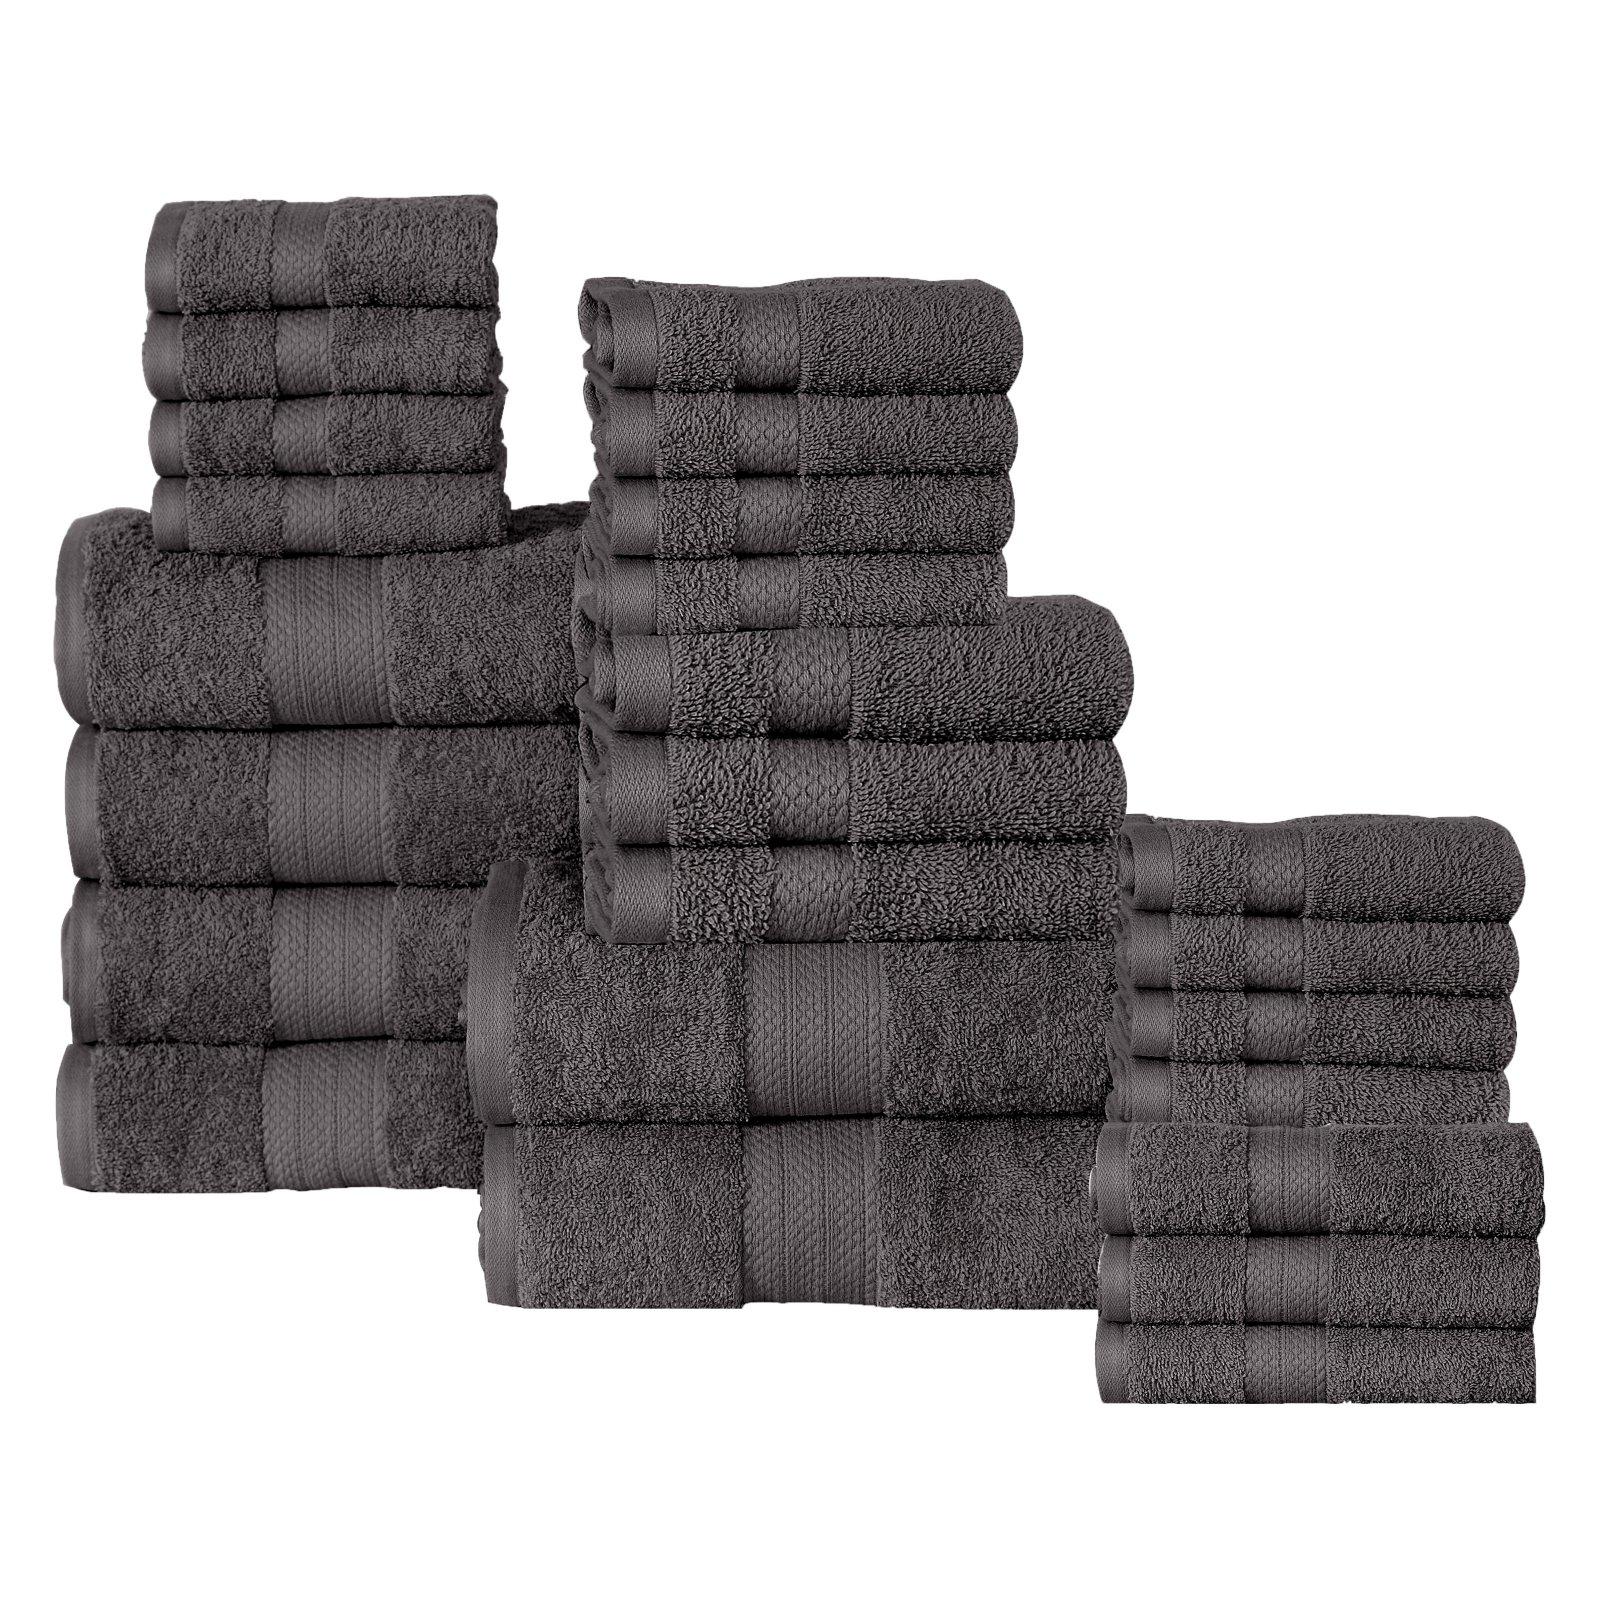 Affinity Linens 24 Piece Plush Cotton Bath Towel Set